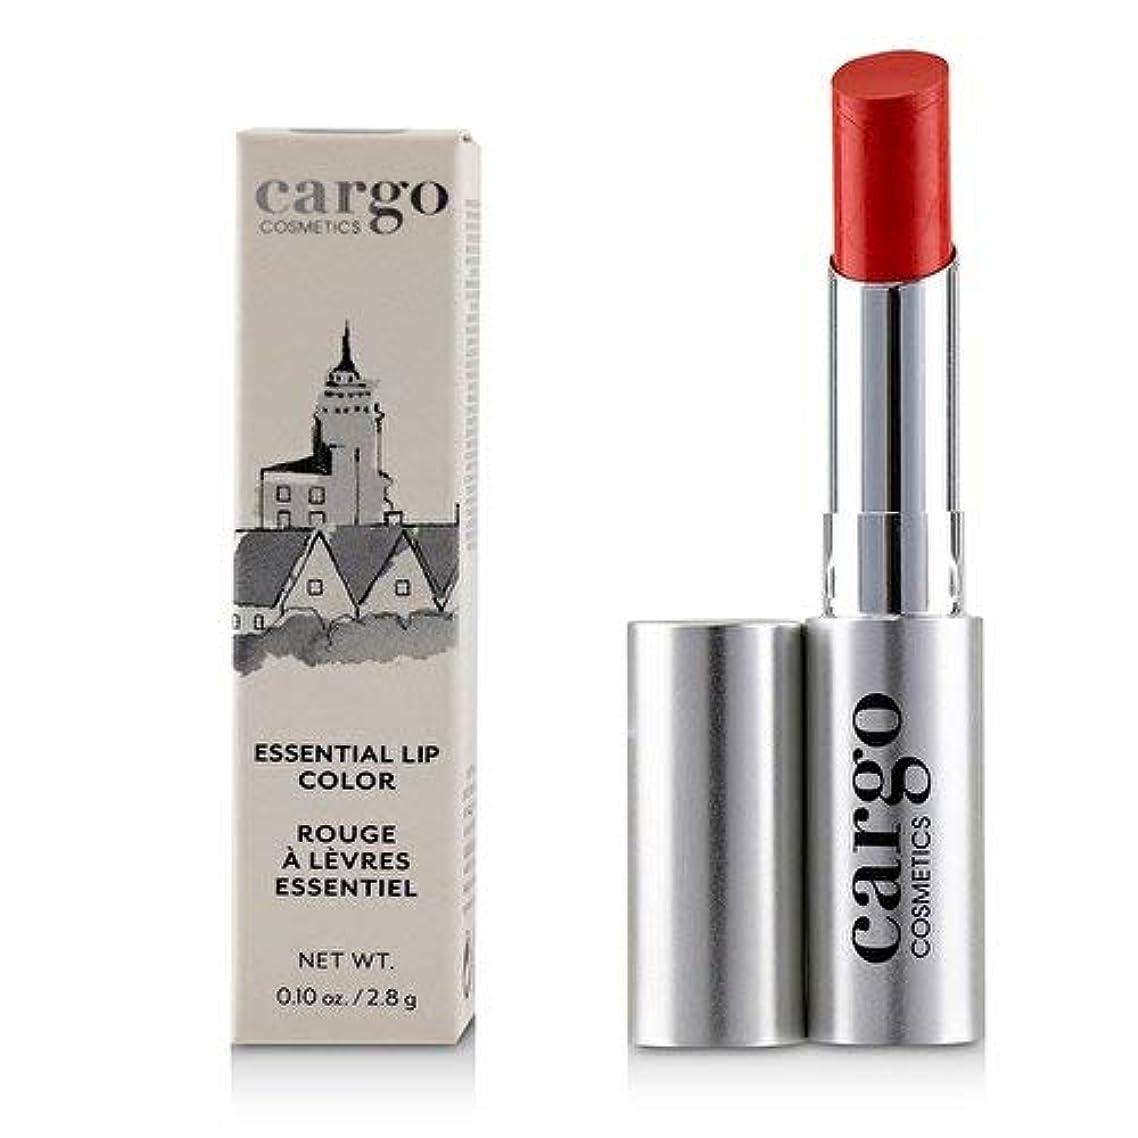 リア王のためご注意カーゴ Essential Lip Color - # Sedona (Bright Coral) 2.8g/0.01oz並行輸入品